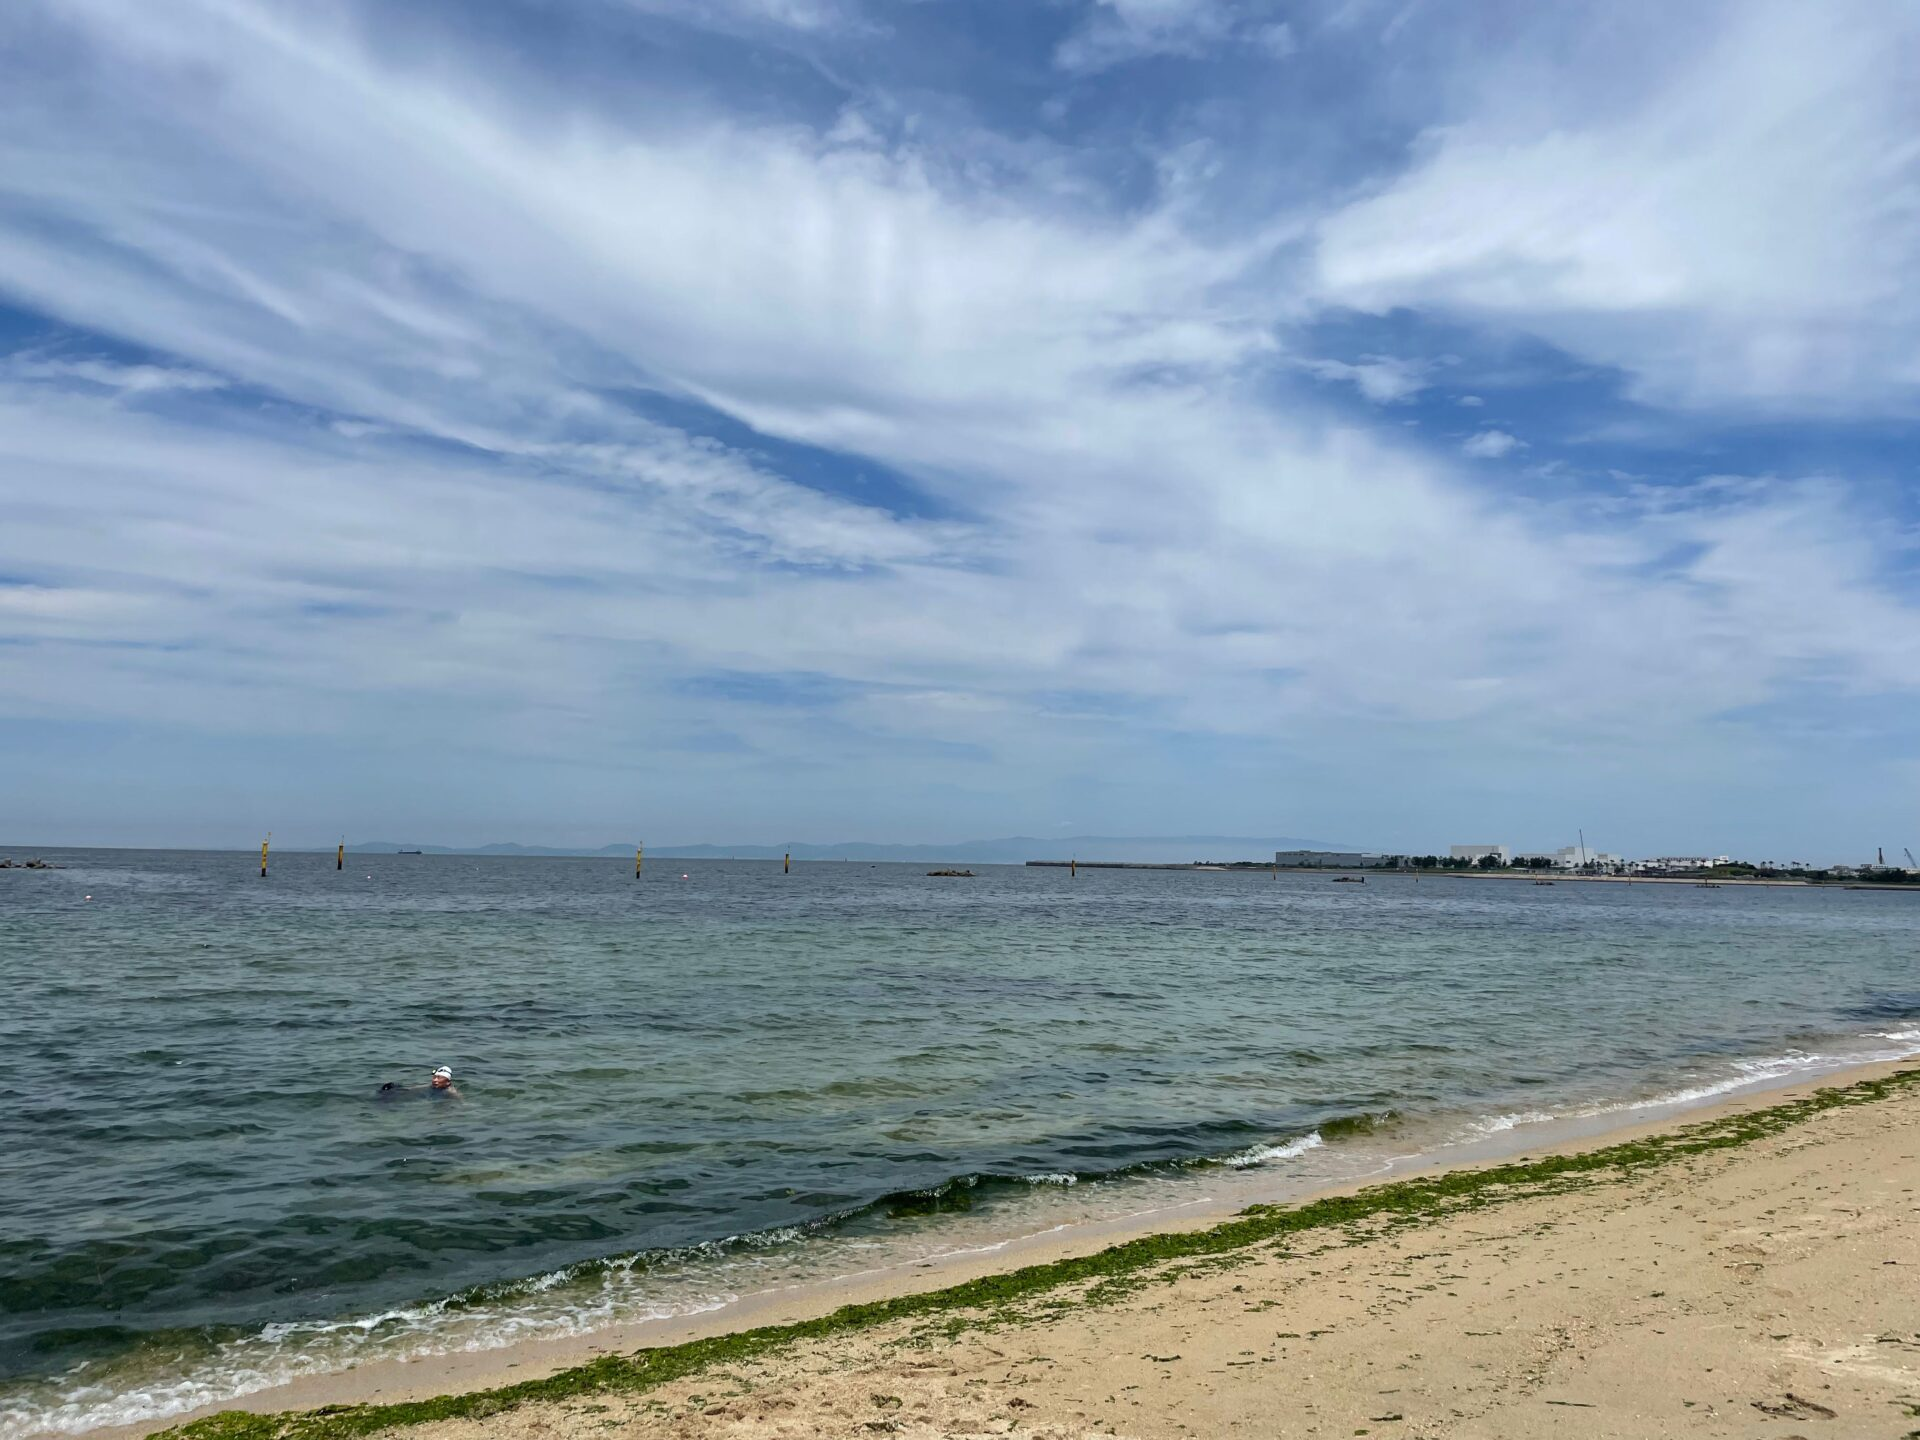 2021.6.6 二色の浜 OWS練習 海 空